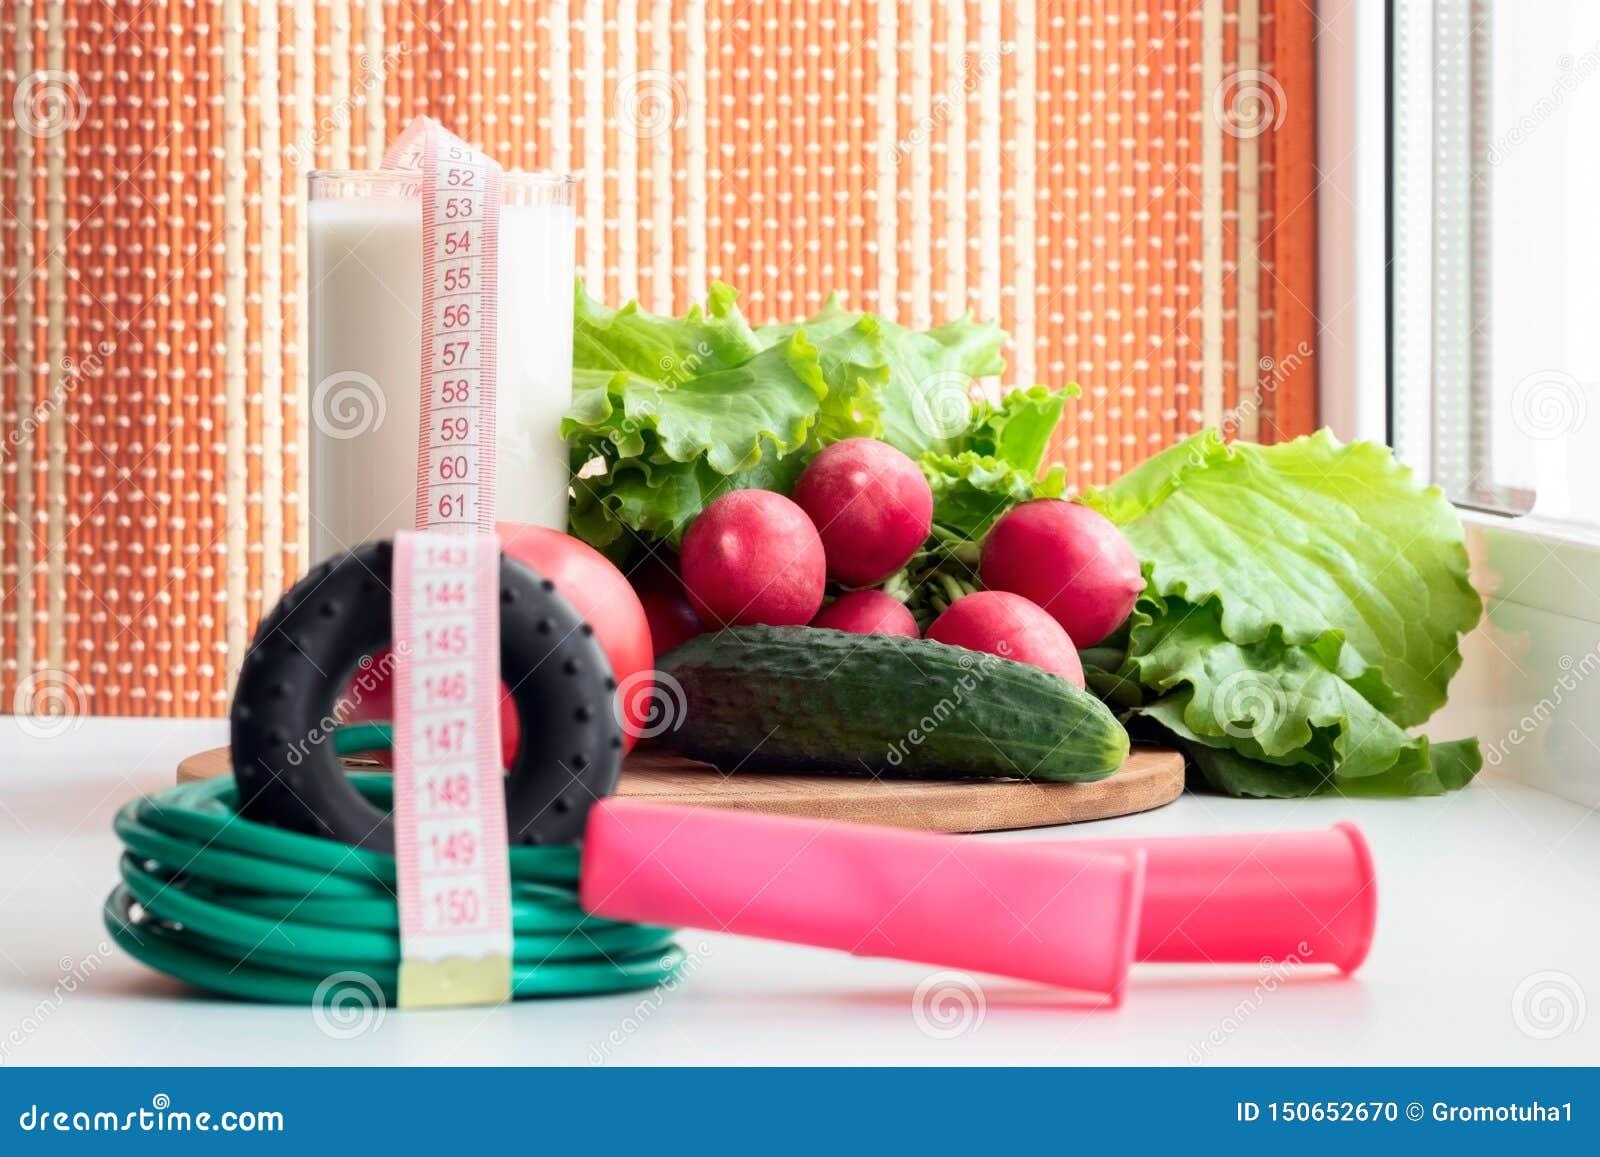 Corda e vegetais ginásticos de salto para uma dieta saudável - o tomate, o pepino, o rabanete e a alface estão na tabela perto da